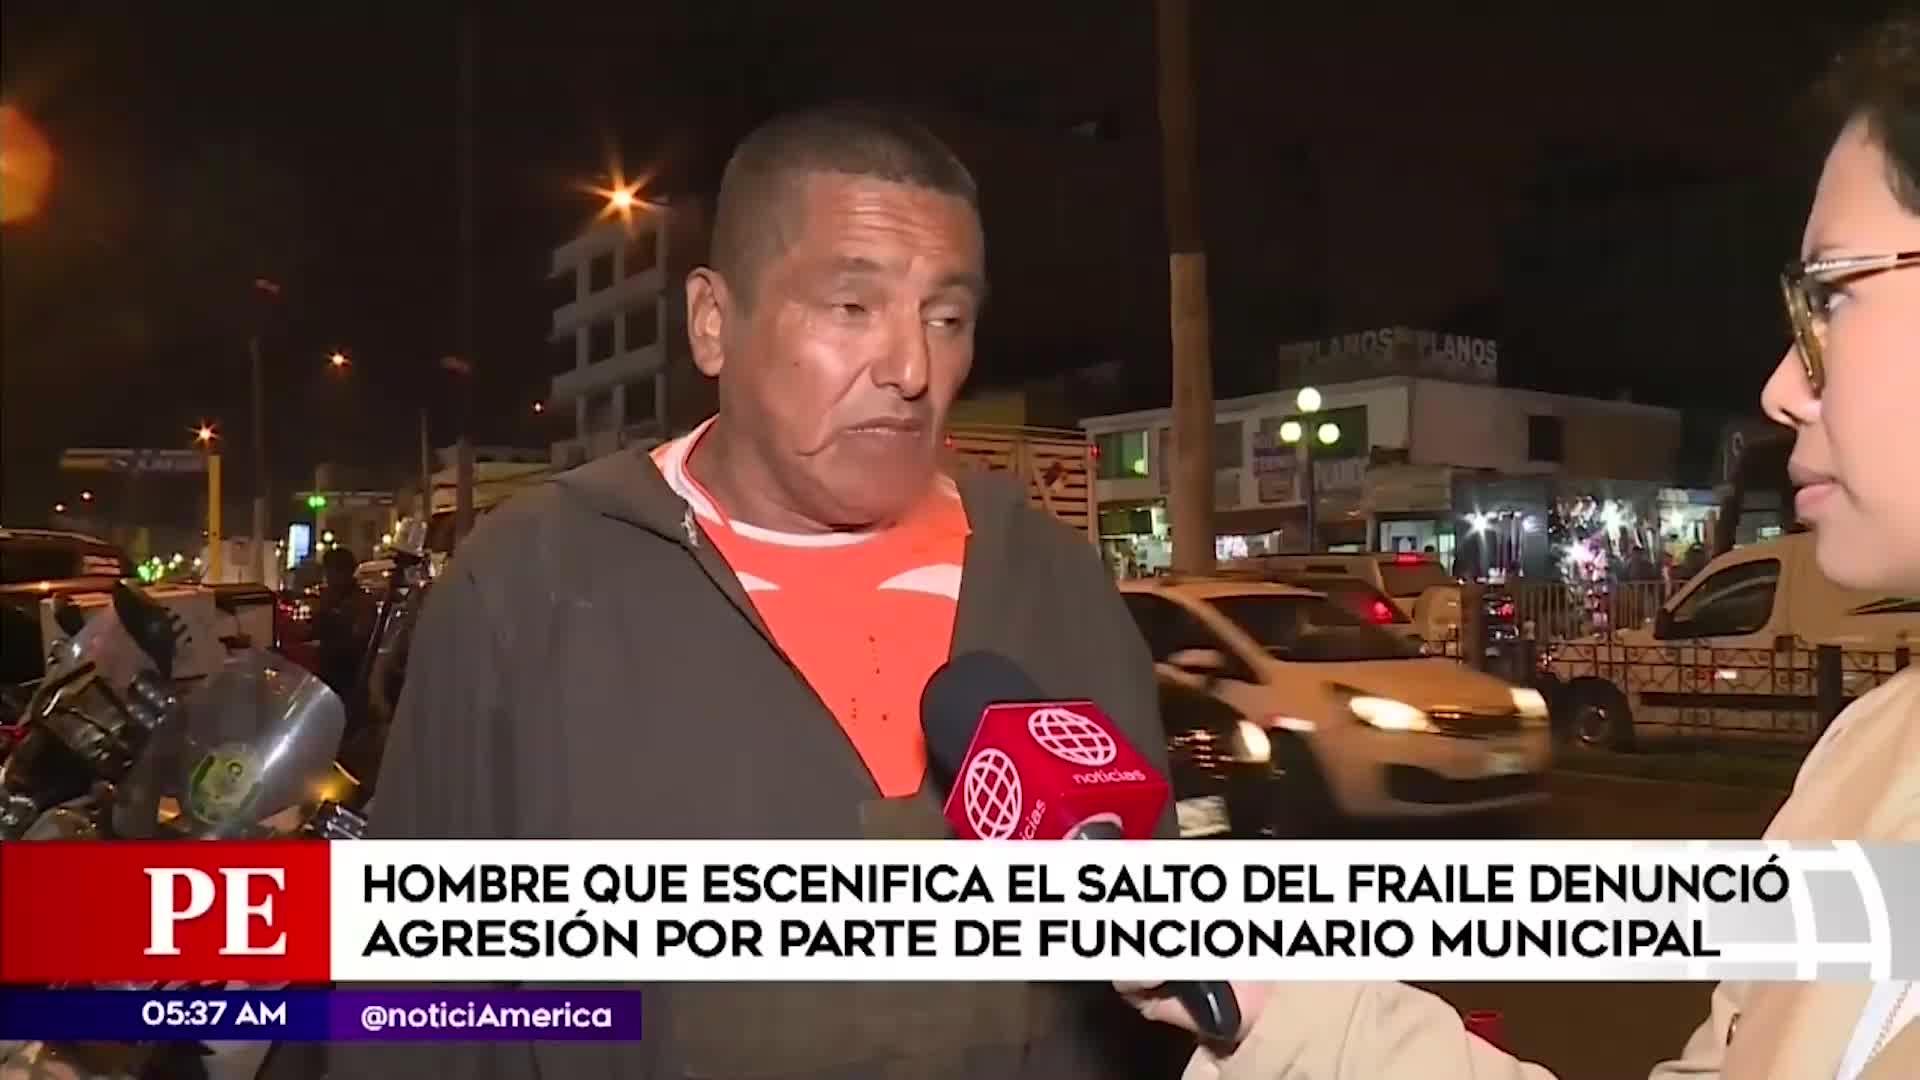 Chorrillos: hombre que escenifica 'el salto del fraile' denuncia agresión